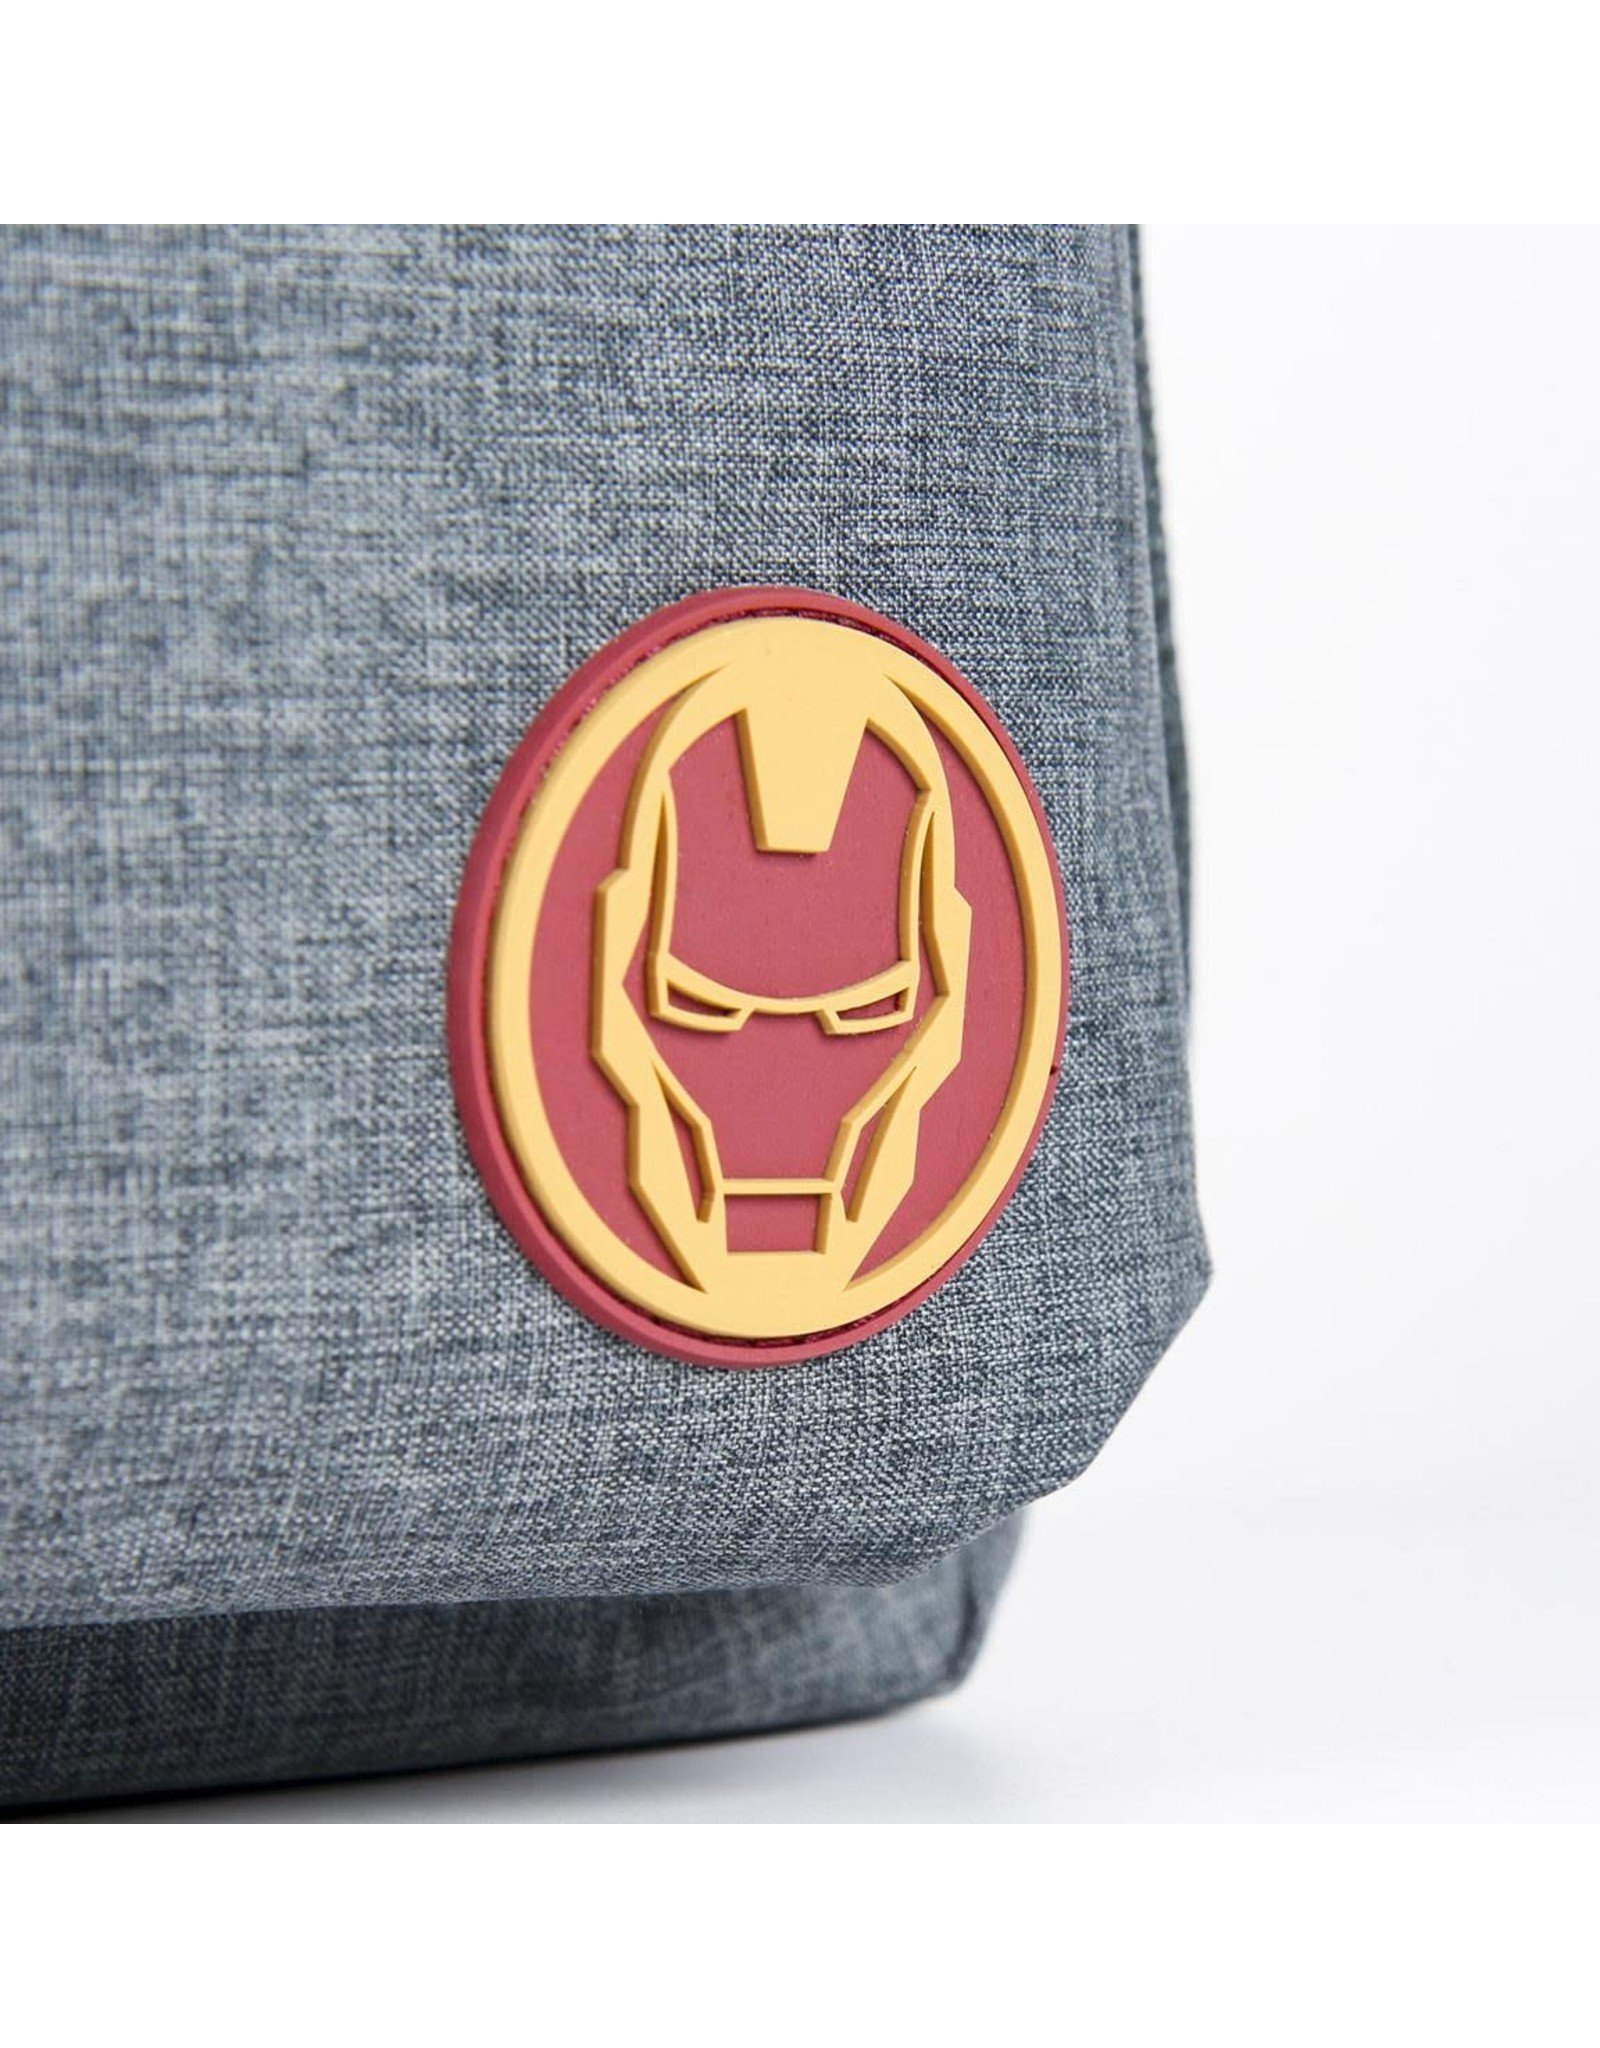 MARVEL - Avengers Iron Man - Backpack